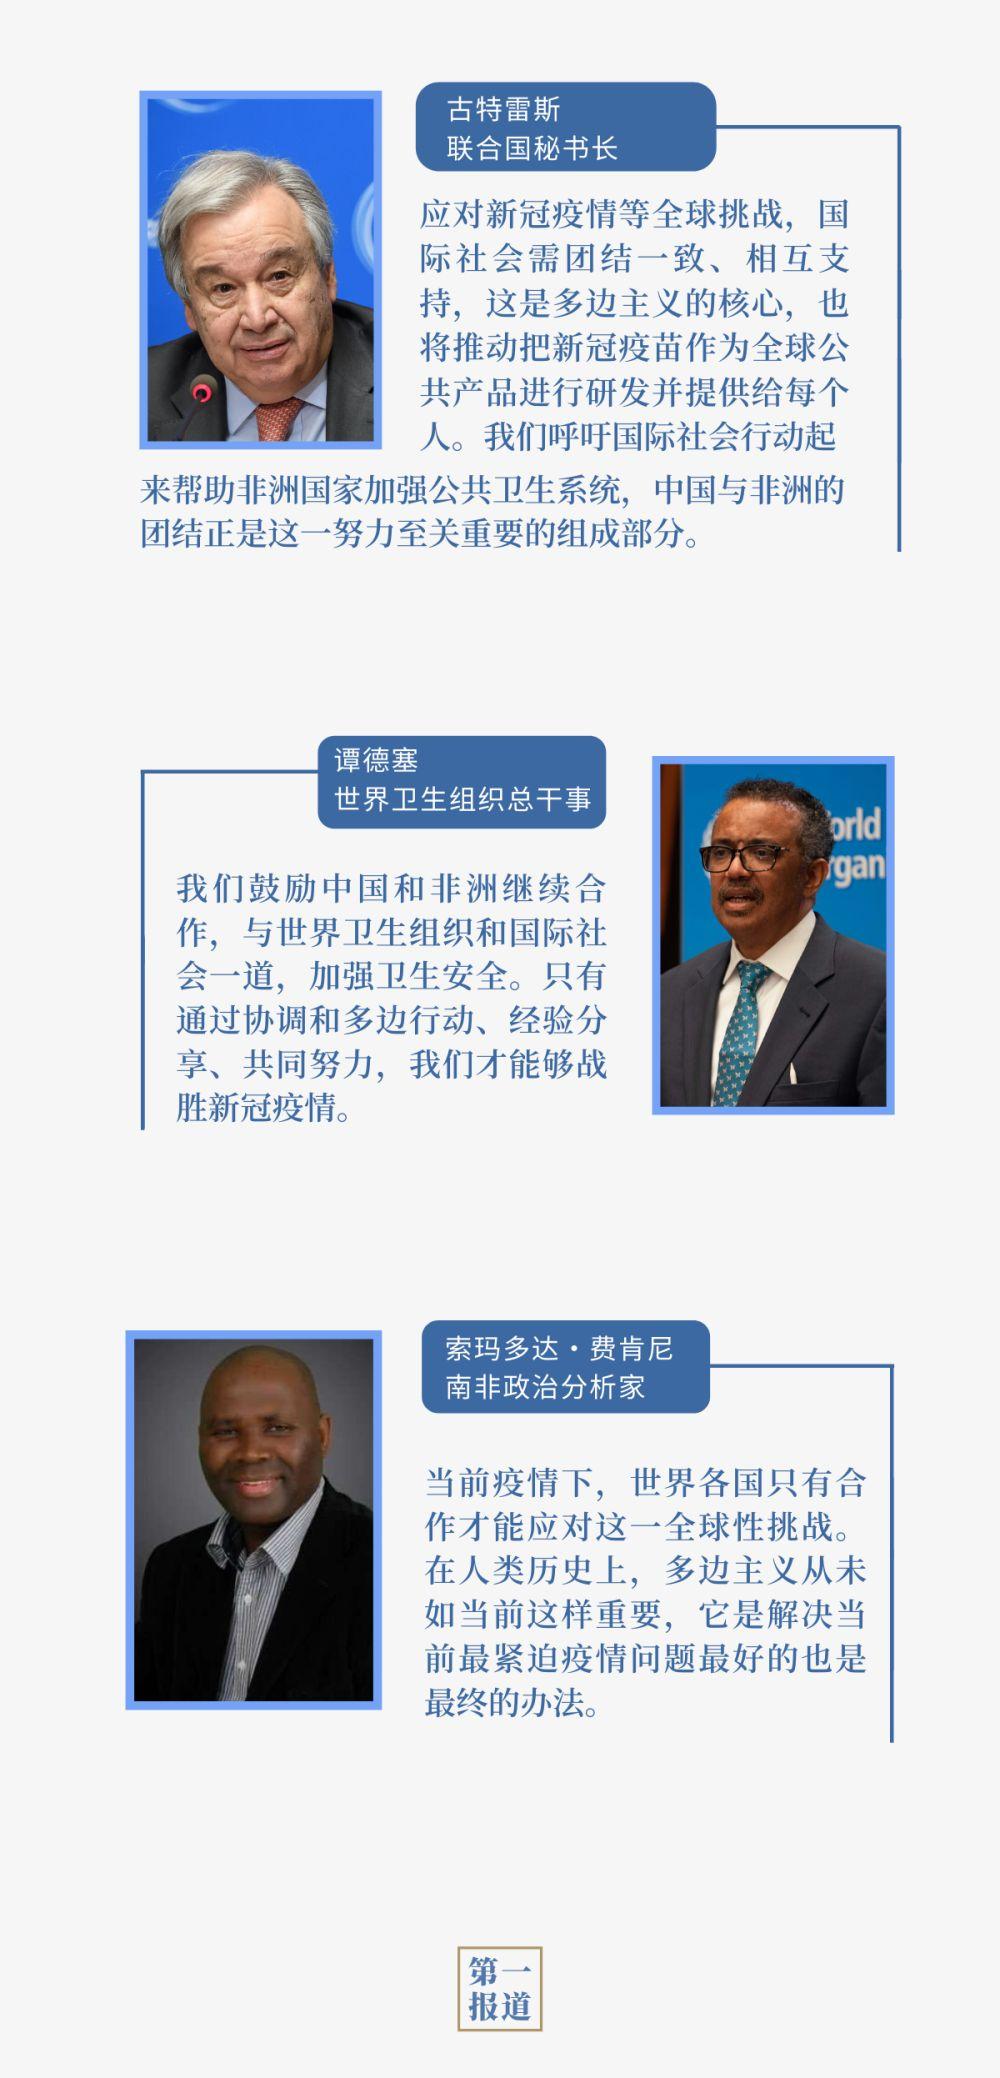 中非团结抗疫特别峰会,让世界感受到中国情谊、中国担当